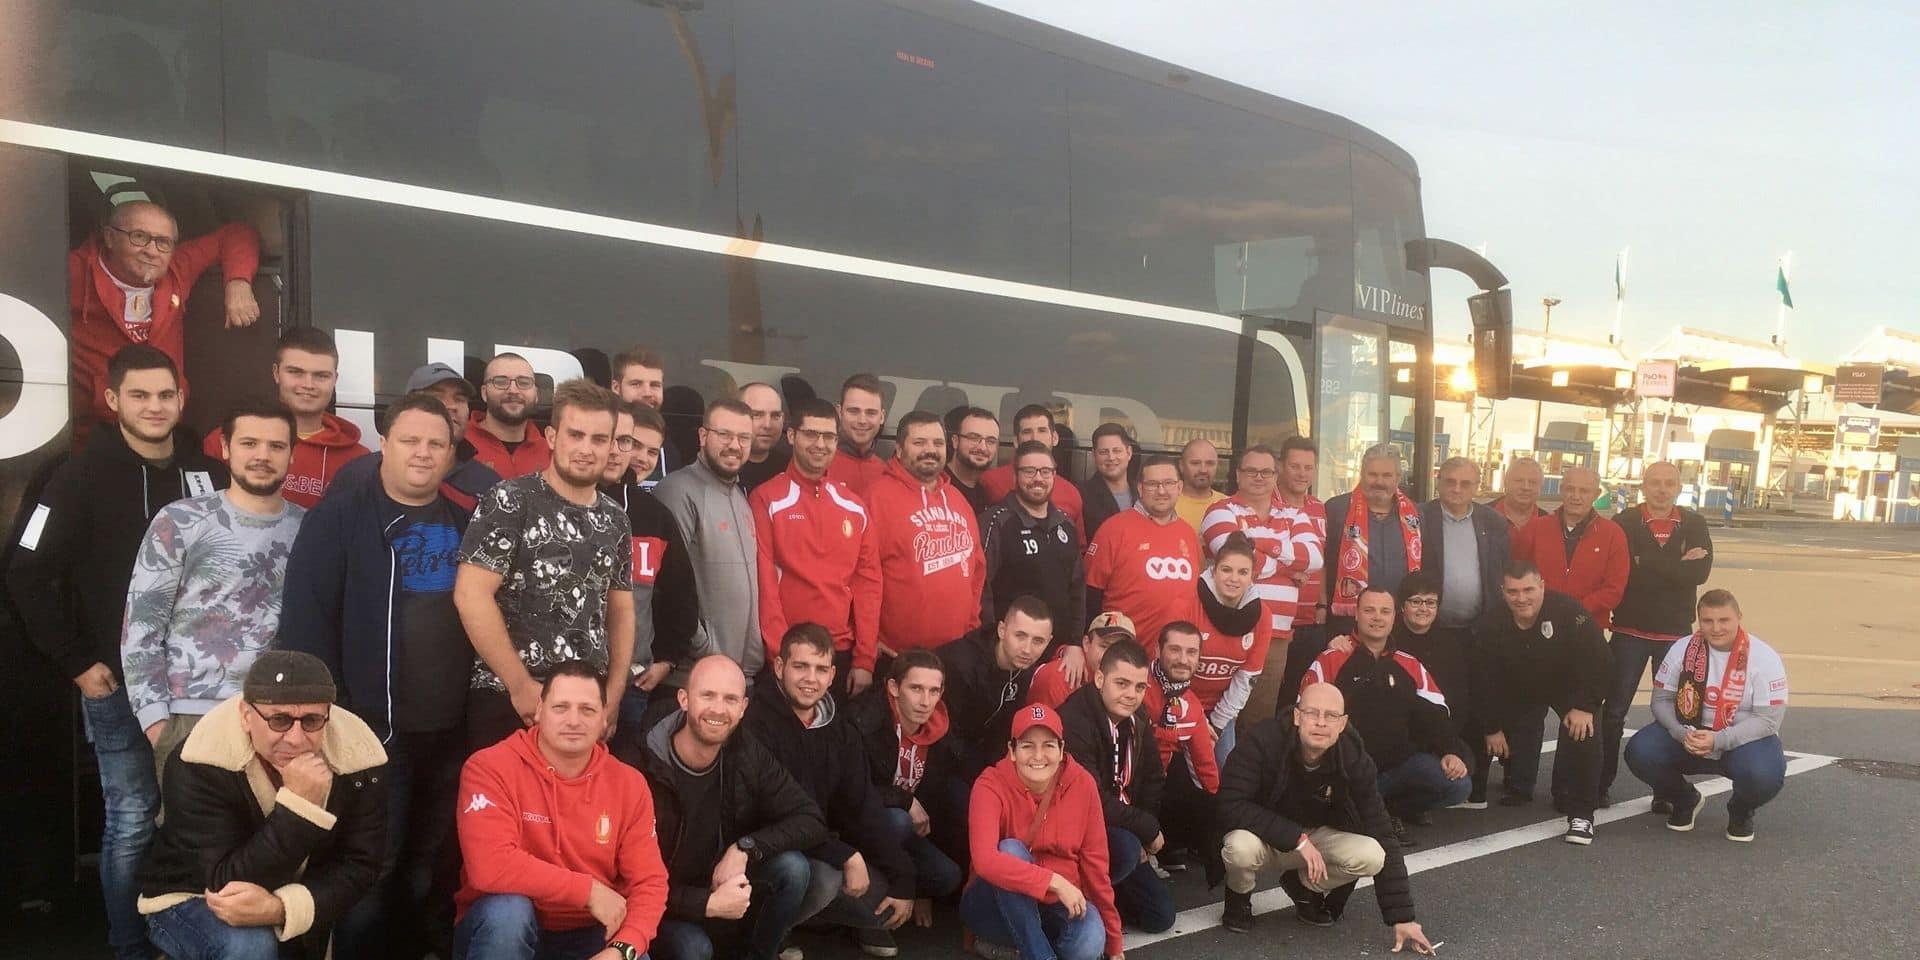 En immersion avec les fans du Standard à Arsenal: revivez la journée contrastée des Rouches